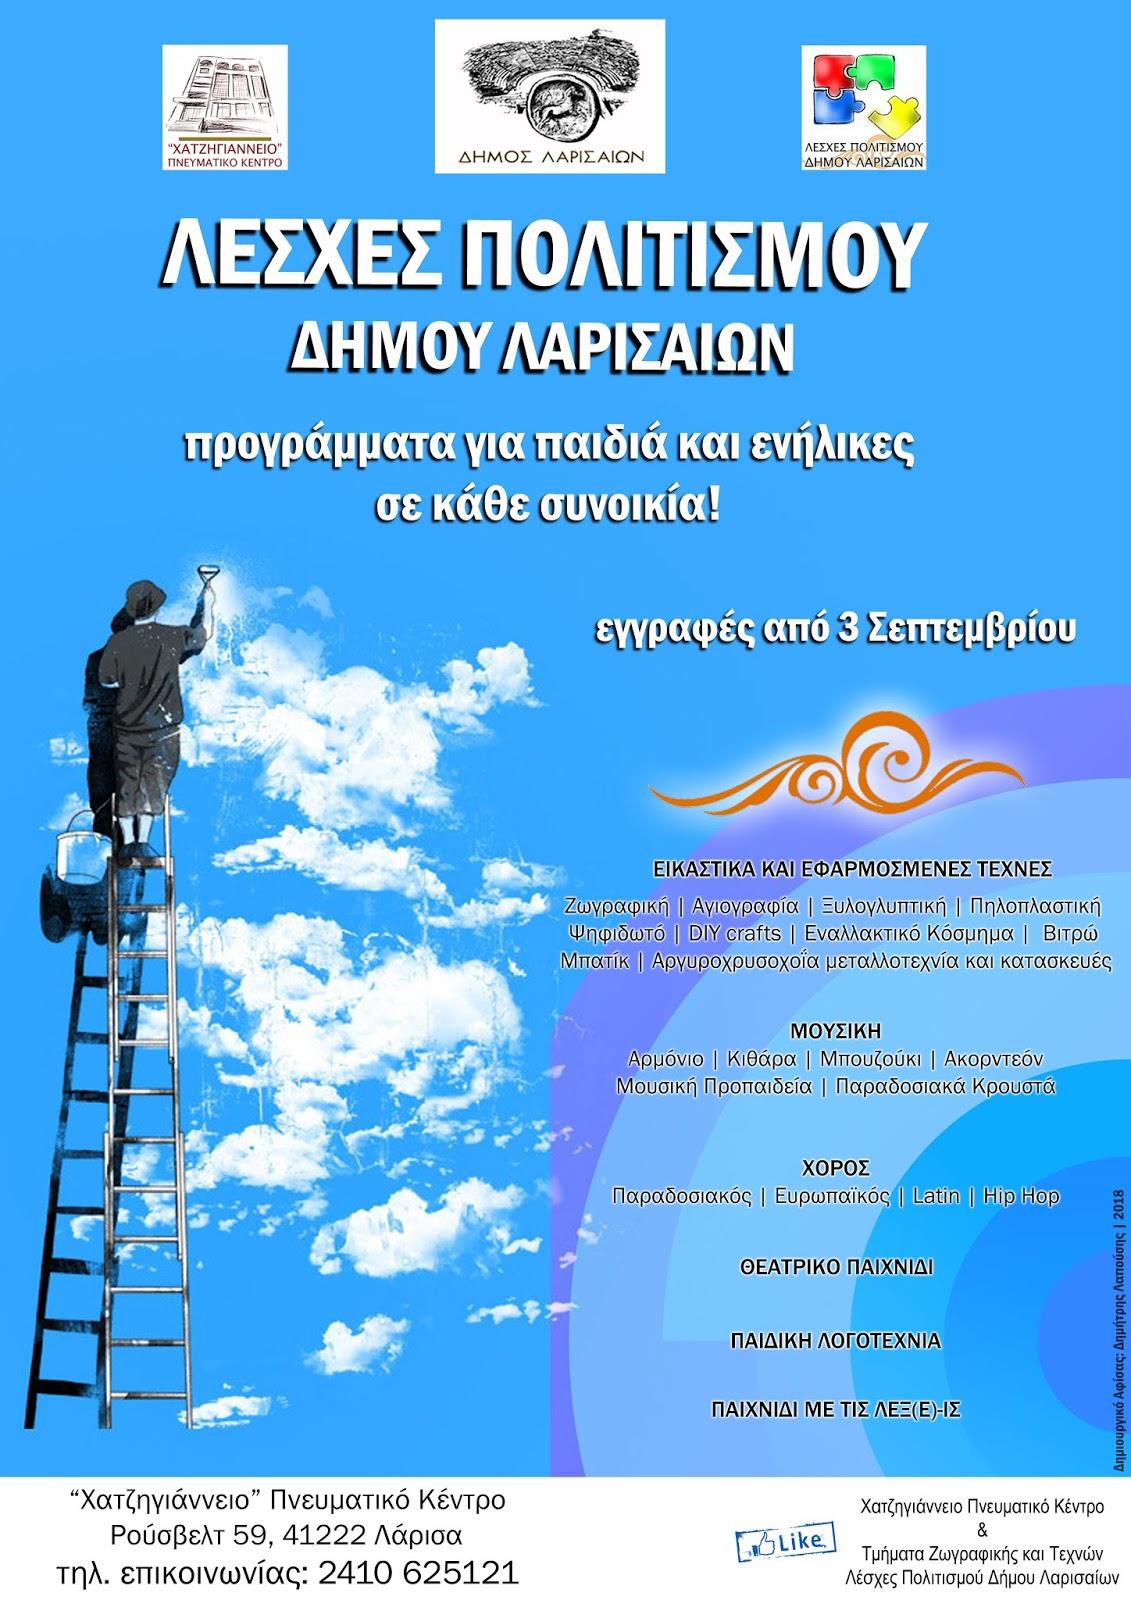 Ξεκινούν οι εγγραφές στις Λέσχες Πολιτισμού του Δήμου Λαρισαίων